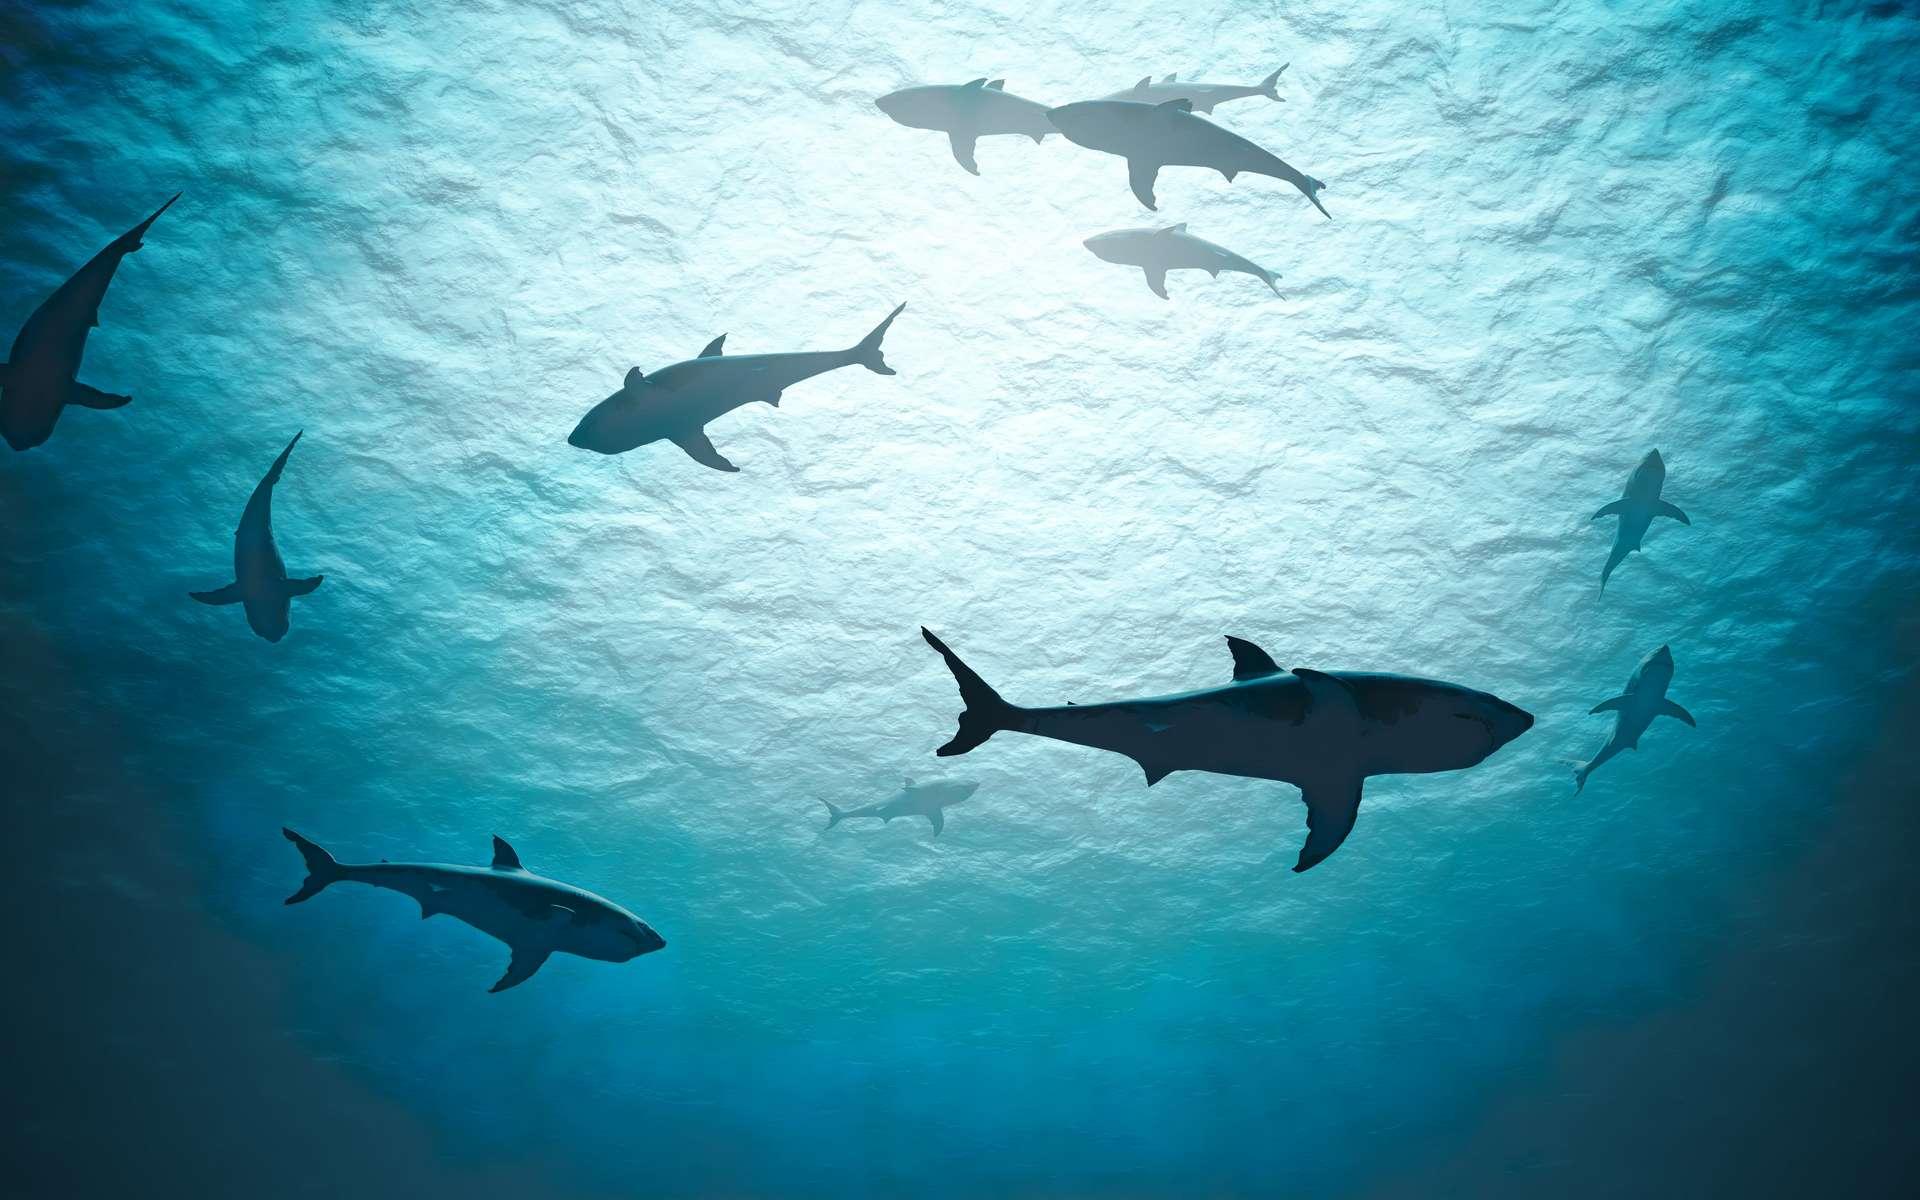 Parmi la mégafaune marine, les requins seraient particulièrement en danger. © Vchalup, Adobe Stock